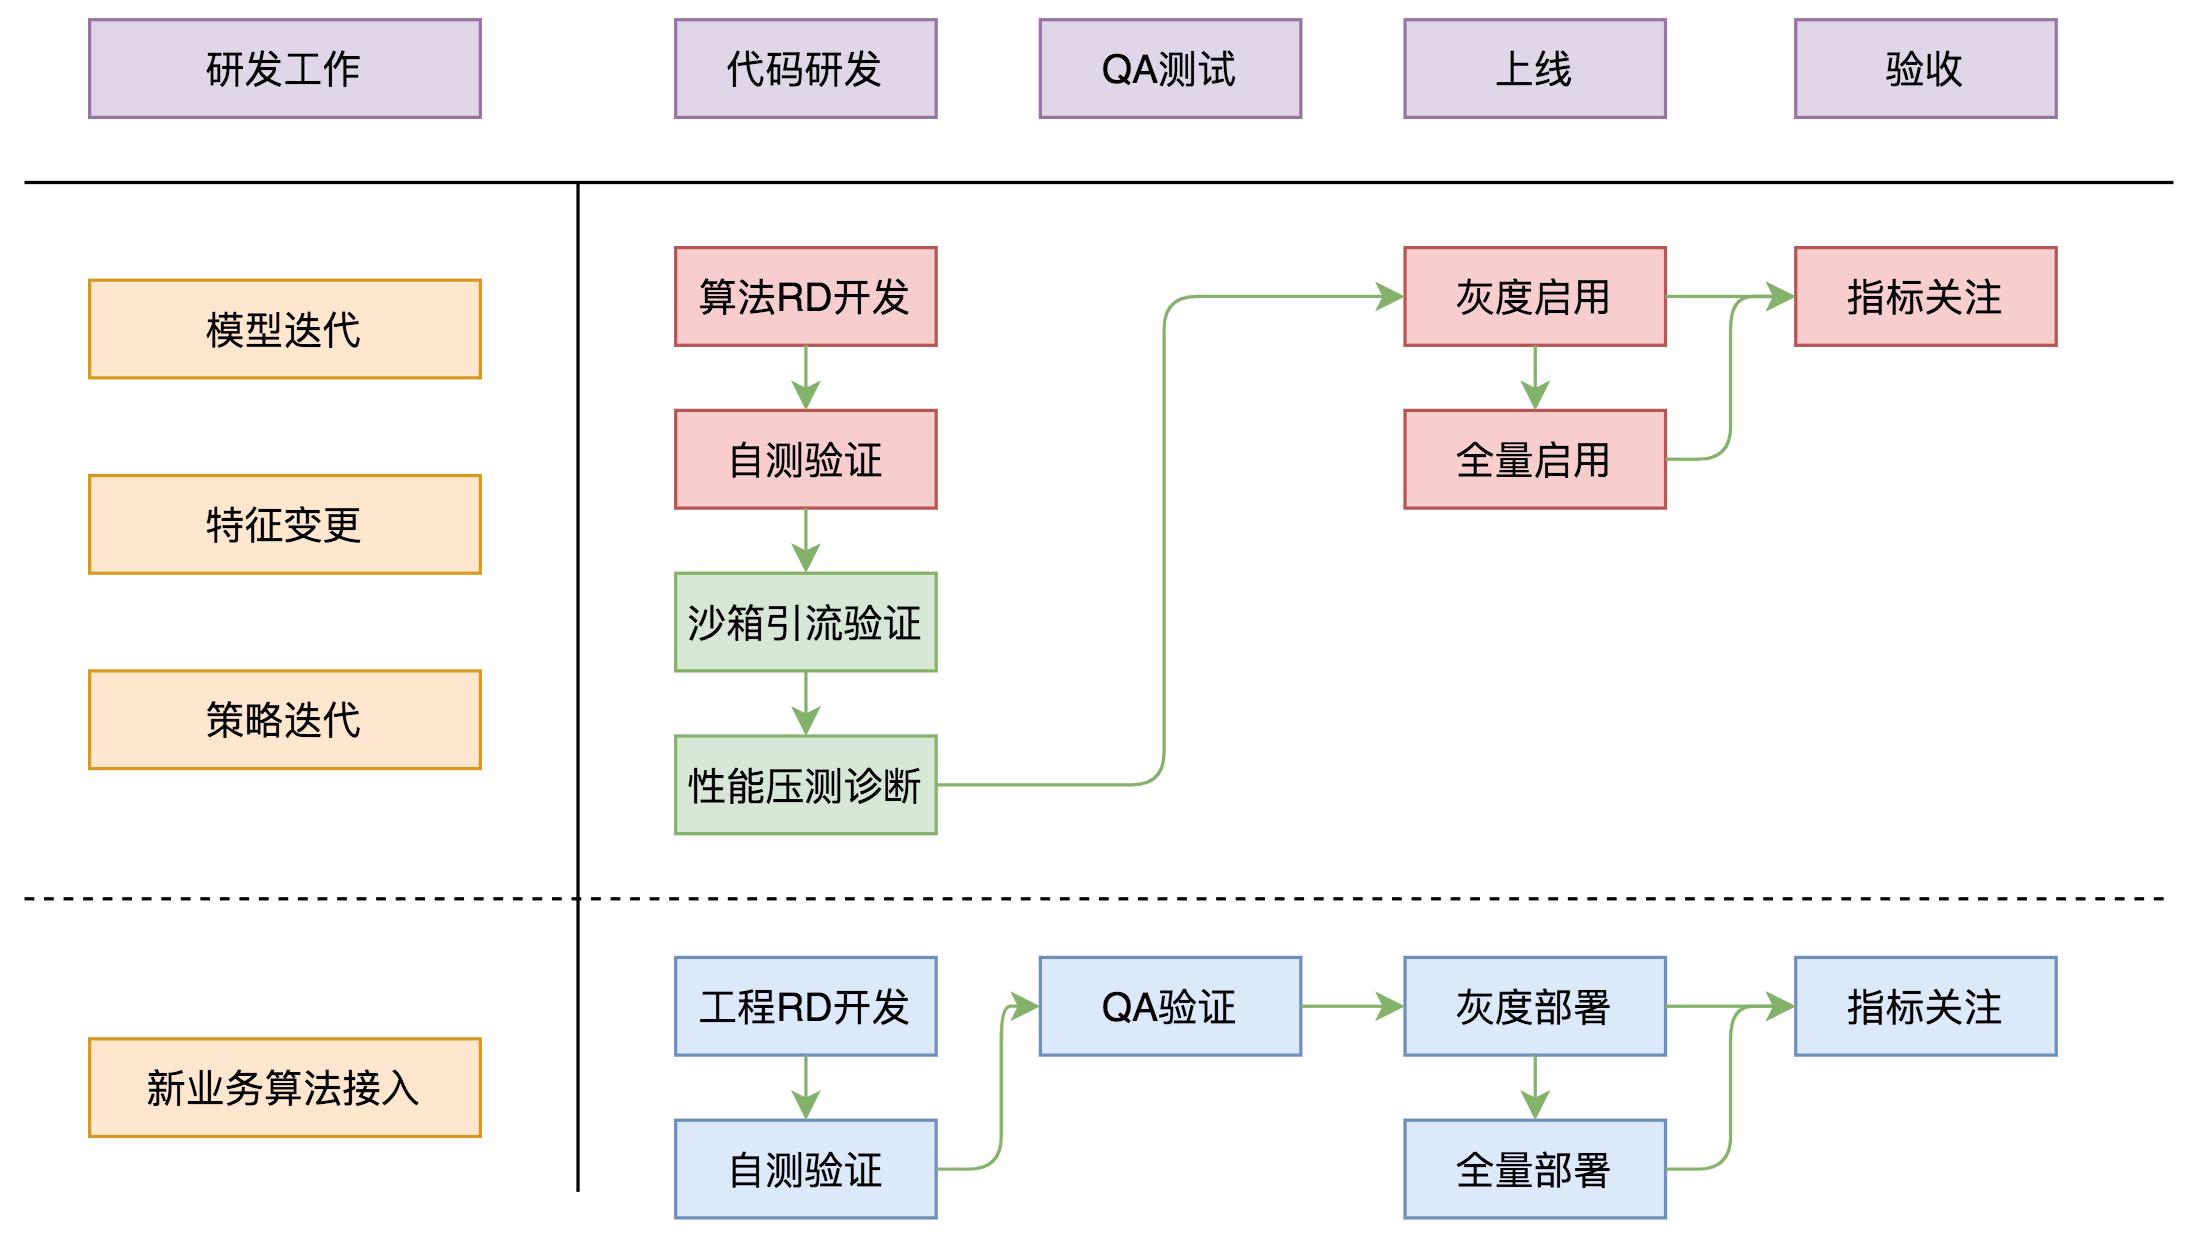 图13 图灵算法研发流程